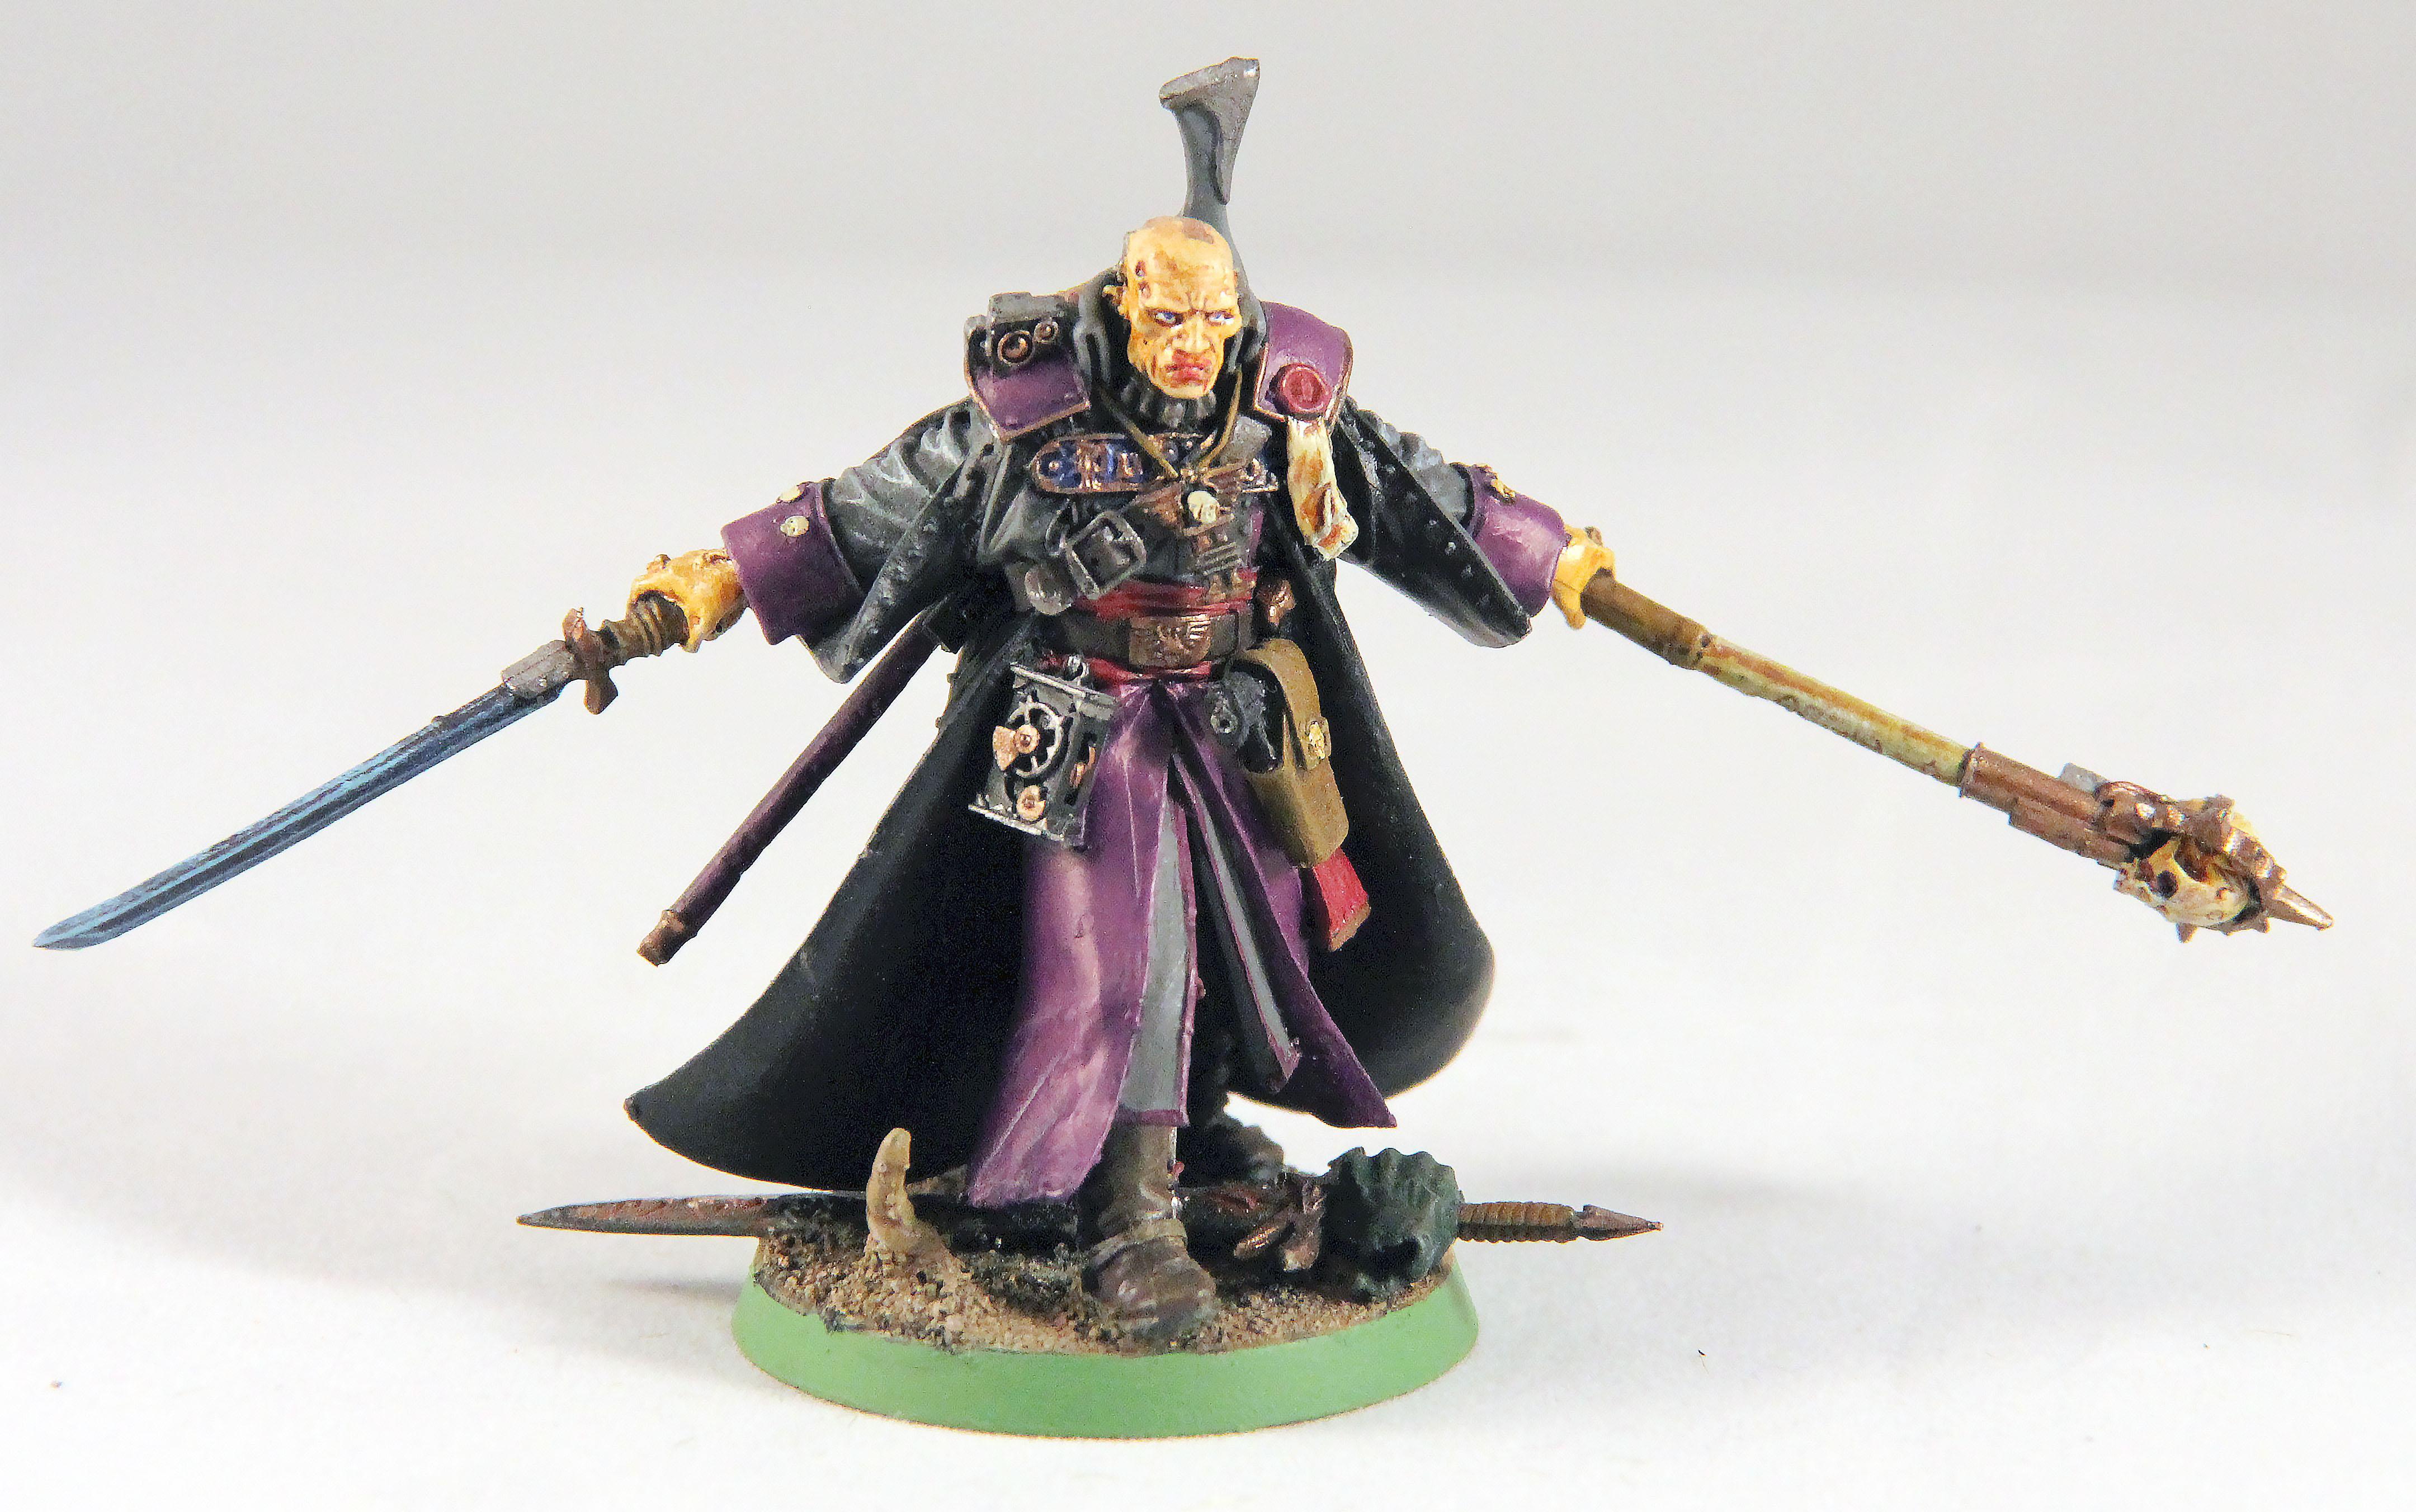 54mm, Eisenhorn, Inquisitor